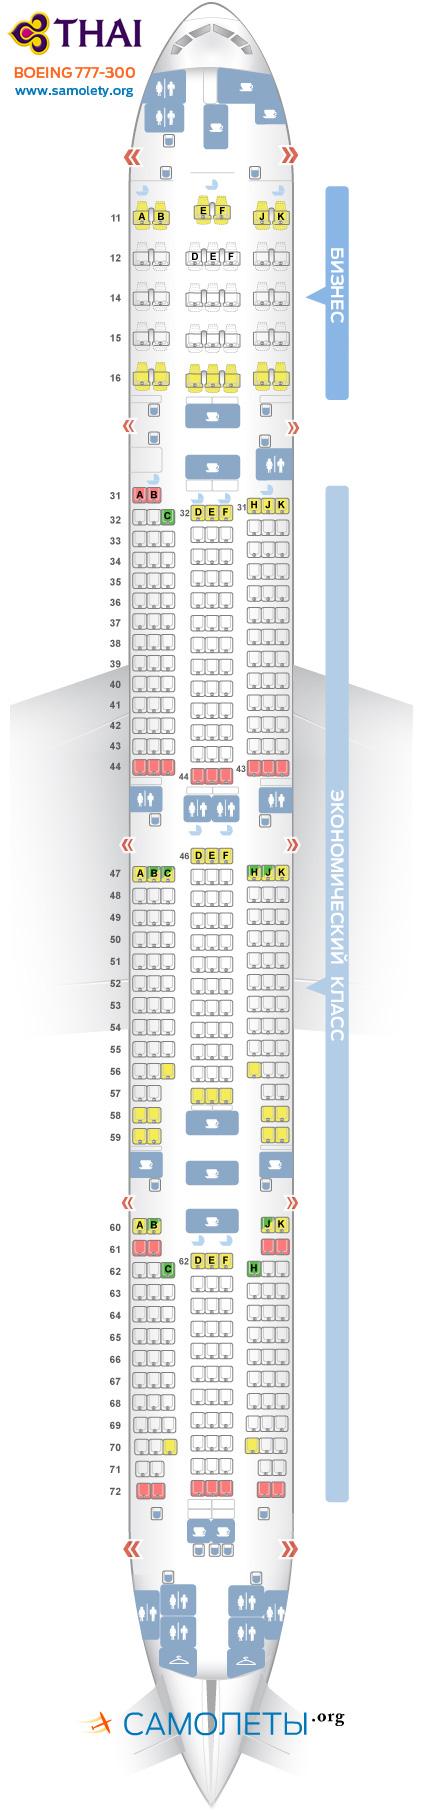 Схема салона Boeing 777-300 Thai Airways